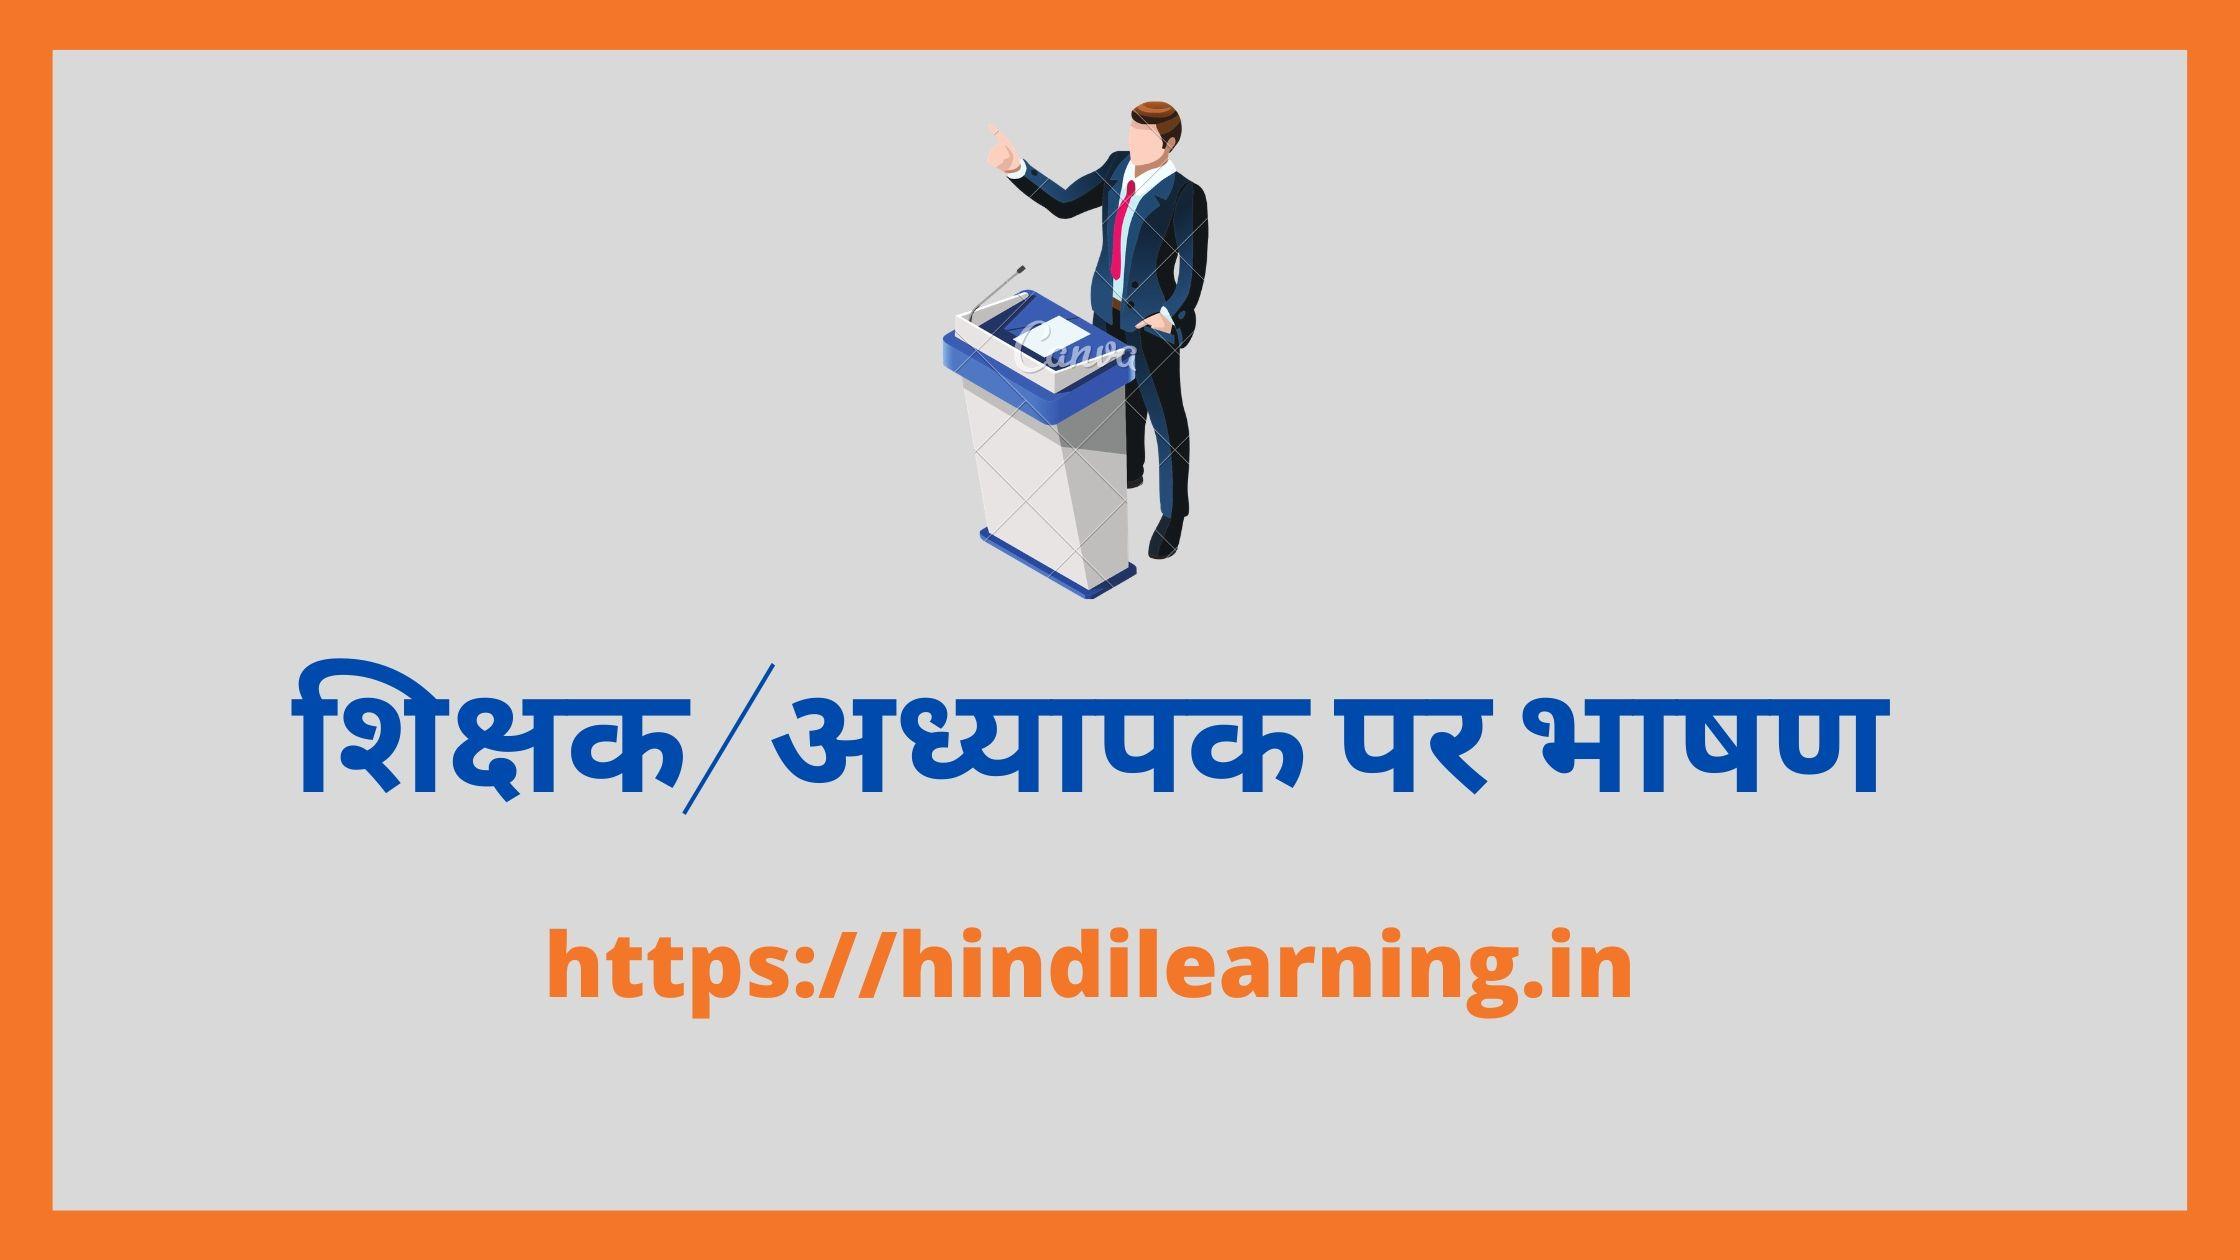 शिक्षक/अध्यापक पर भाषण - Speech on Teacher in Hindi